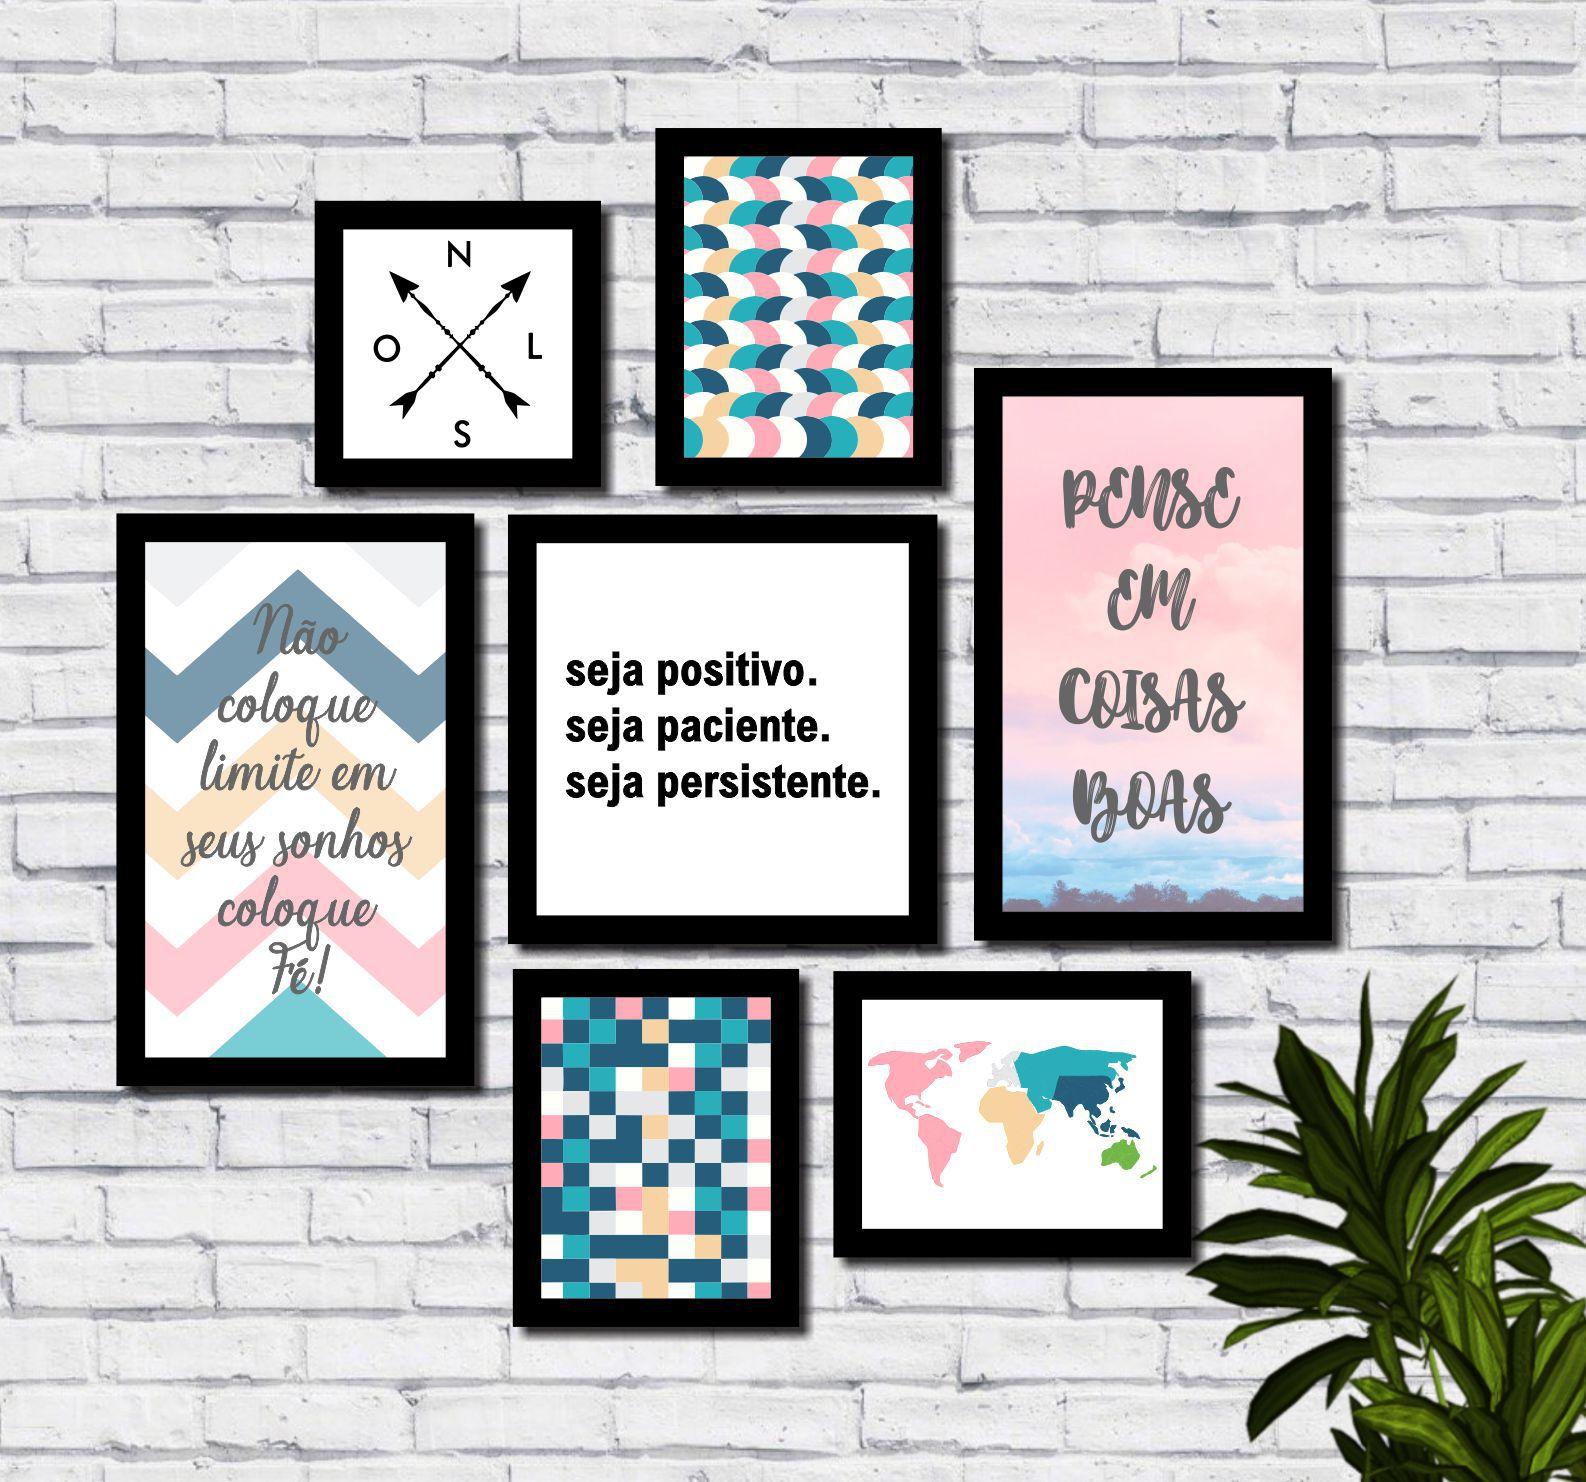 Kit 7 Quadros Decorativos Colorido Frases Motivacionais